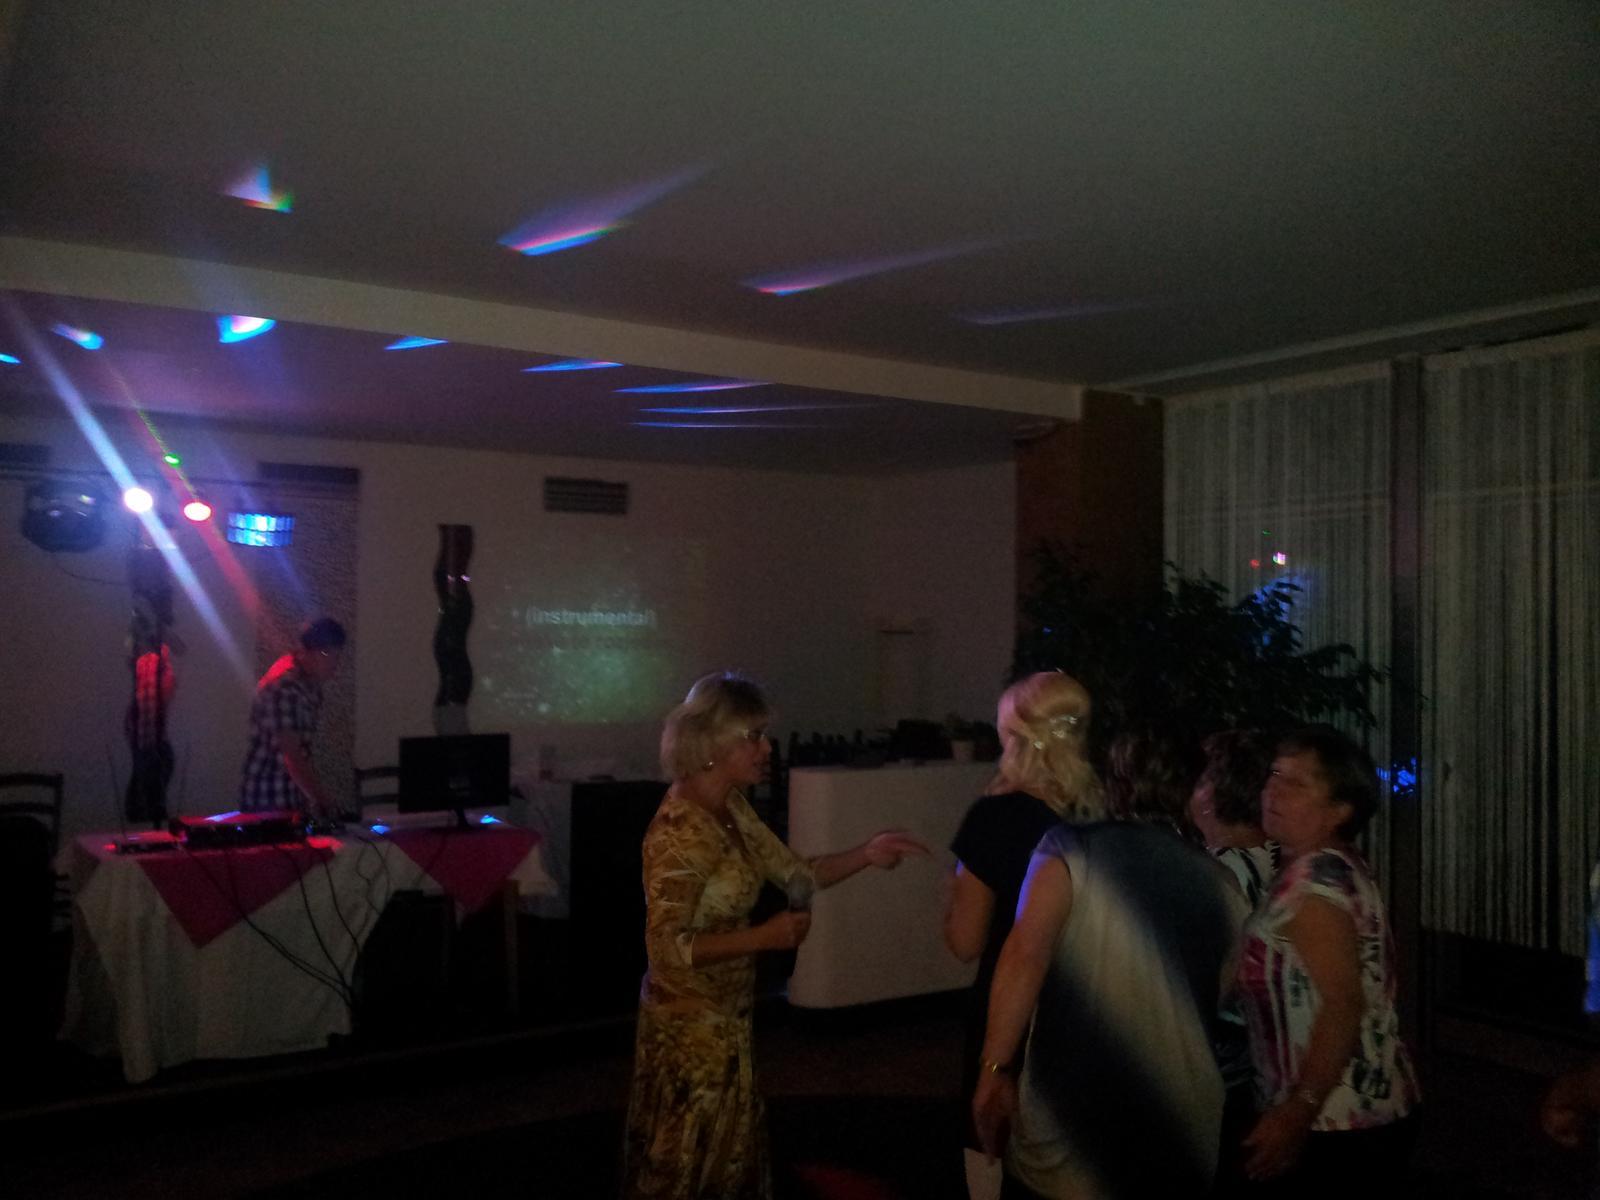 Oslava Narozenin - Karaoke Show